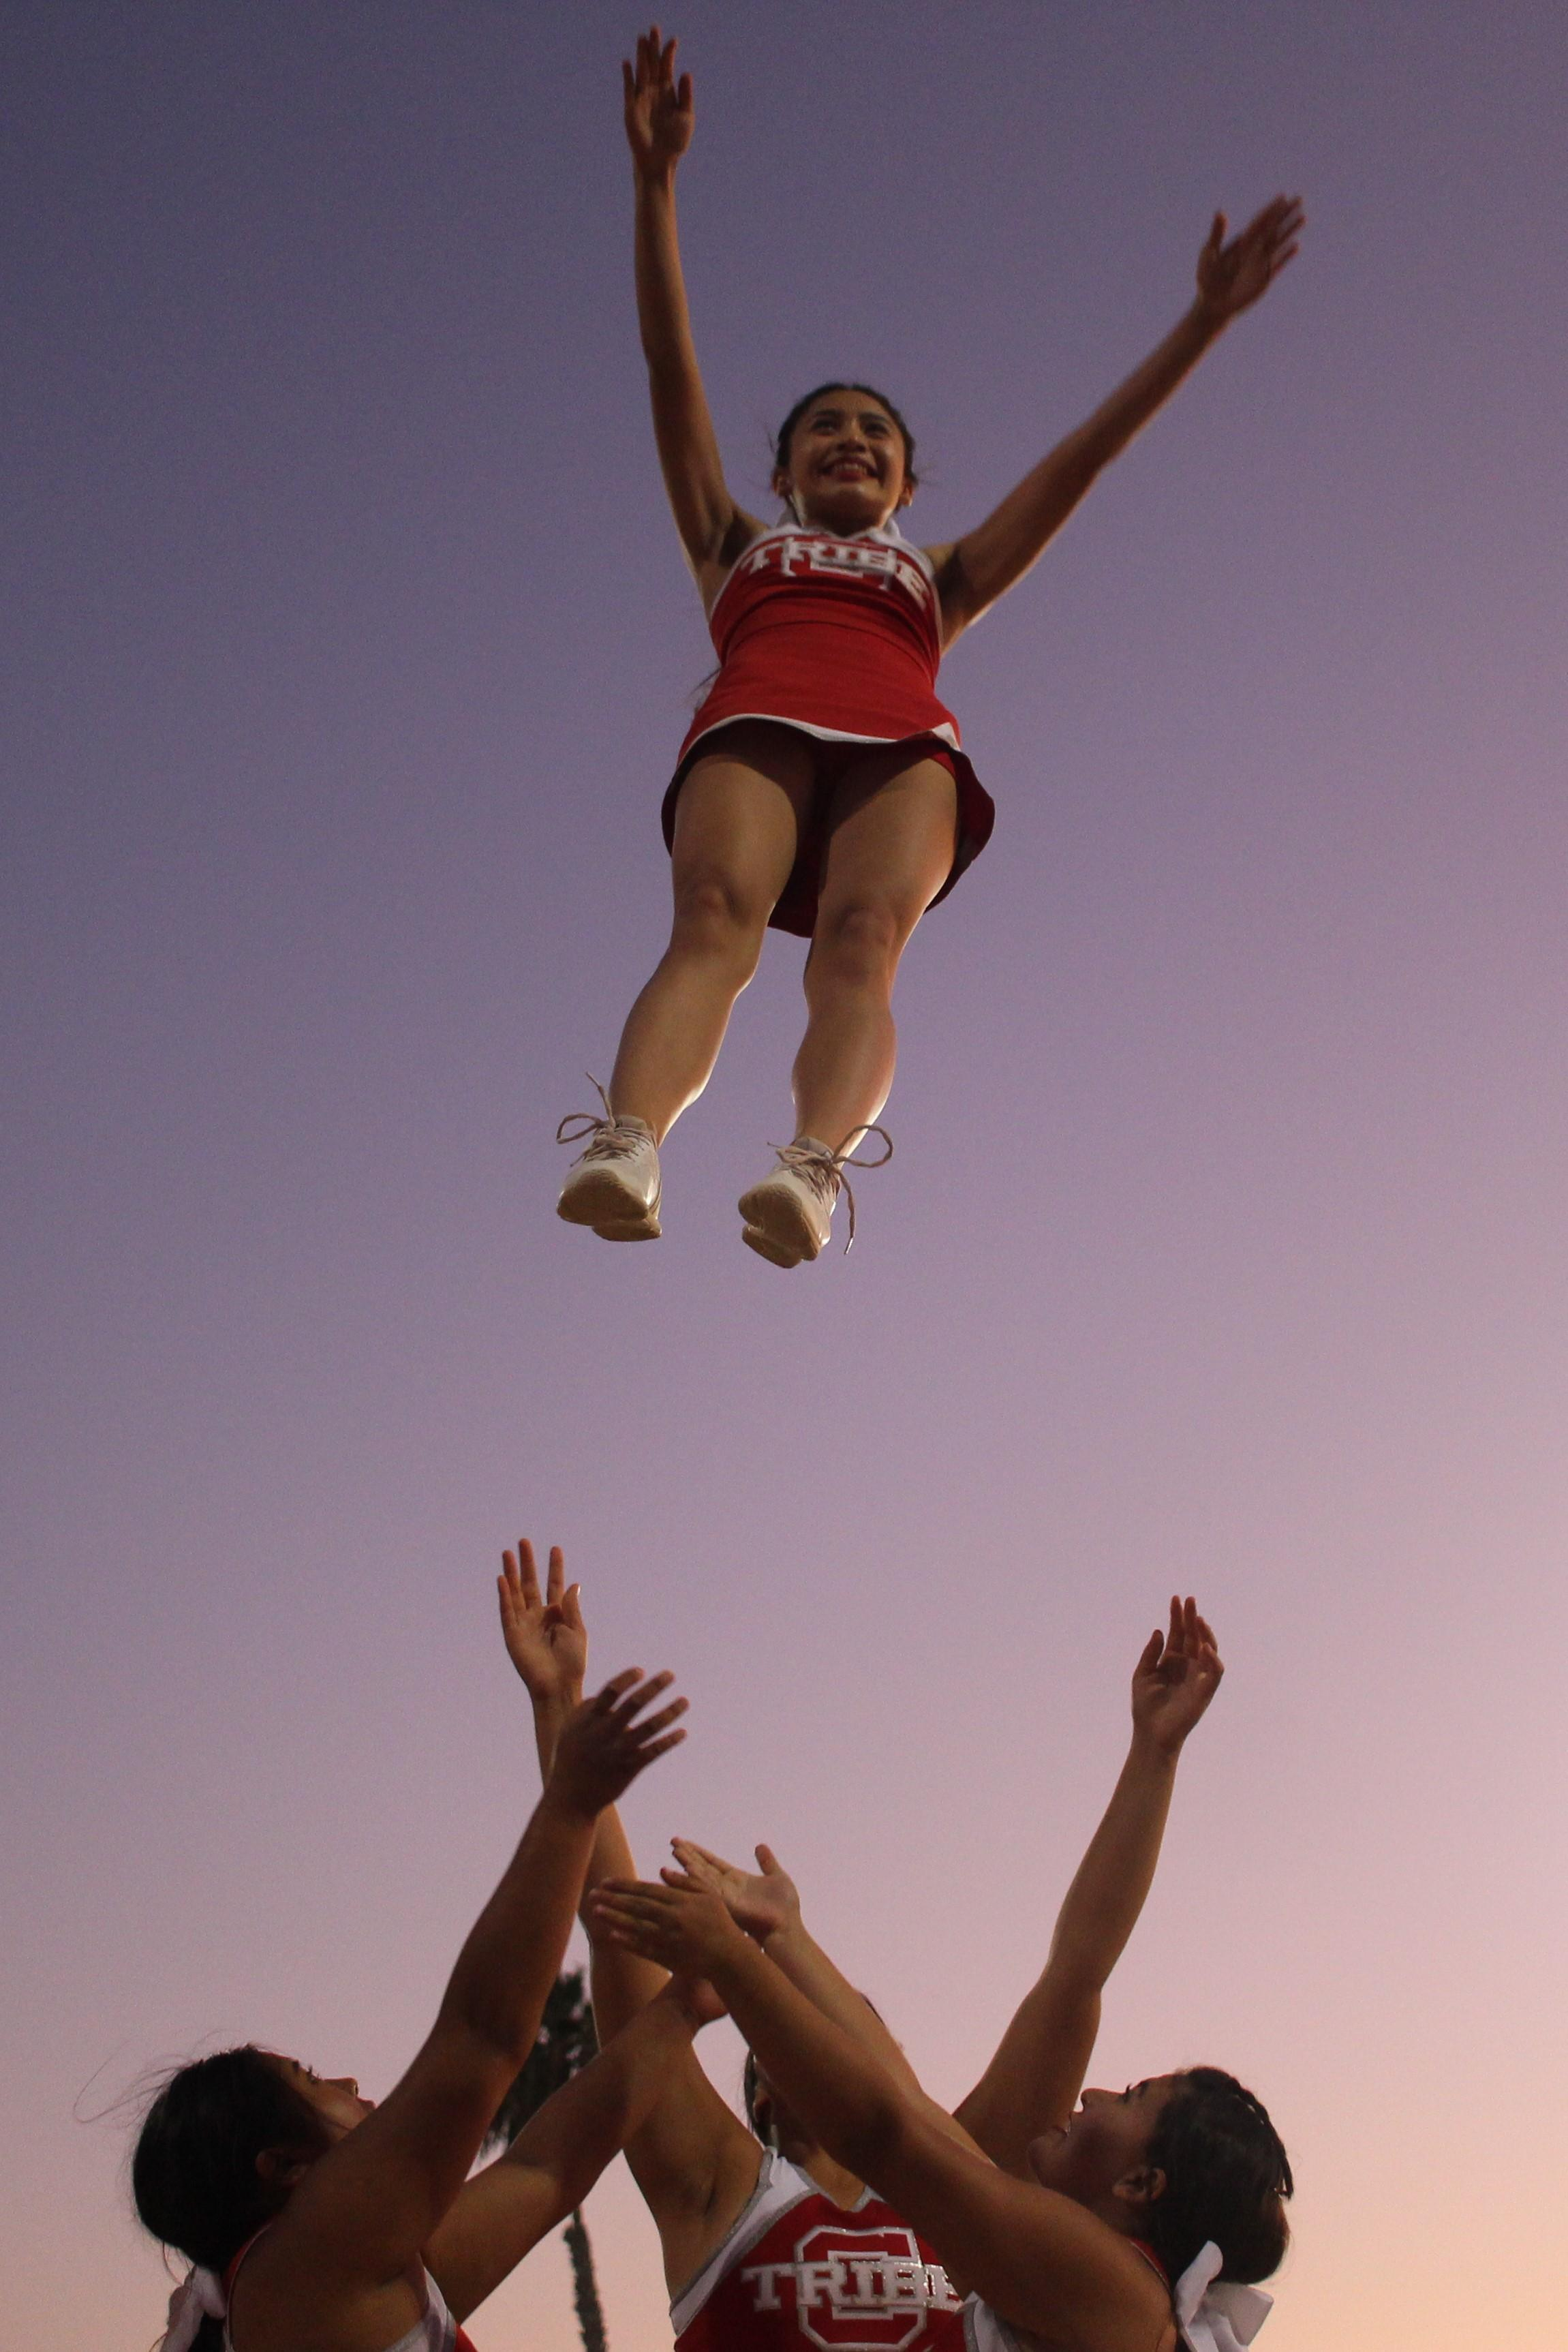 Varsity Cheerleaders at the game